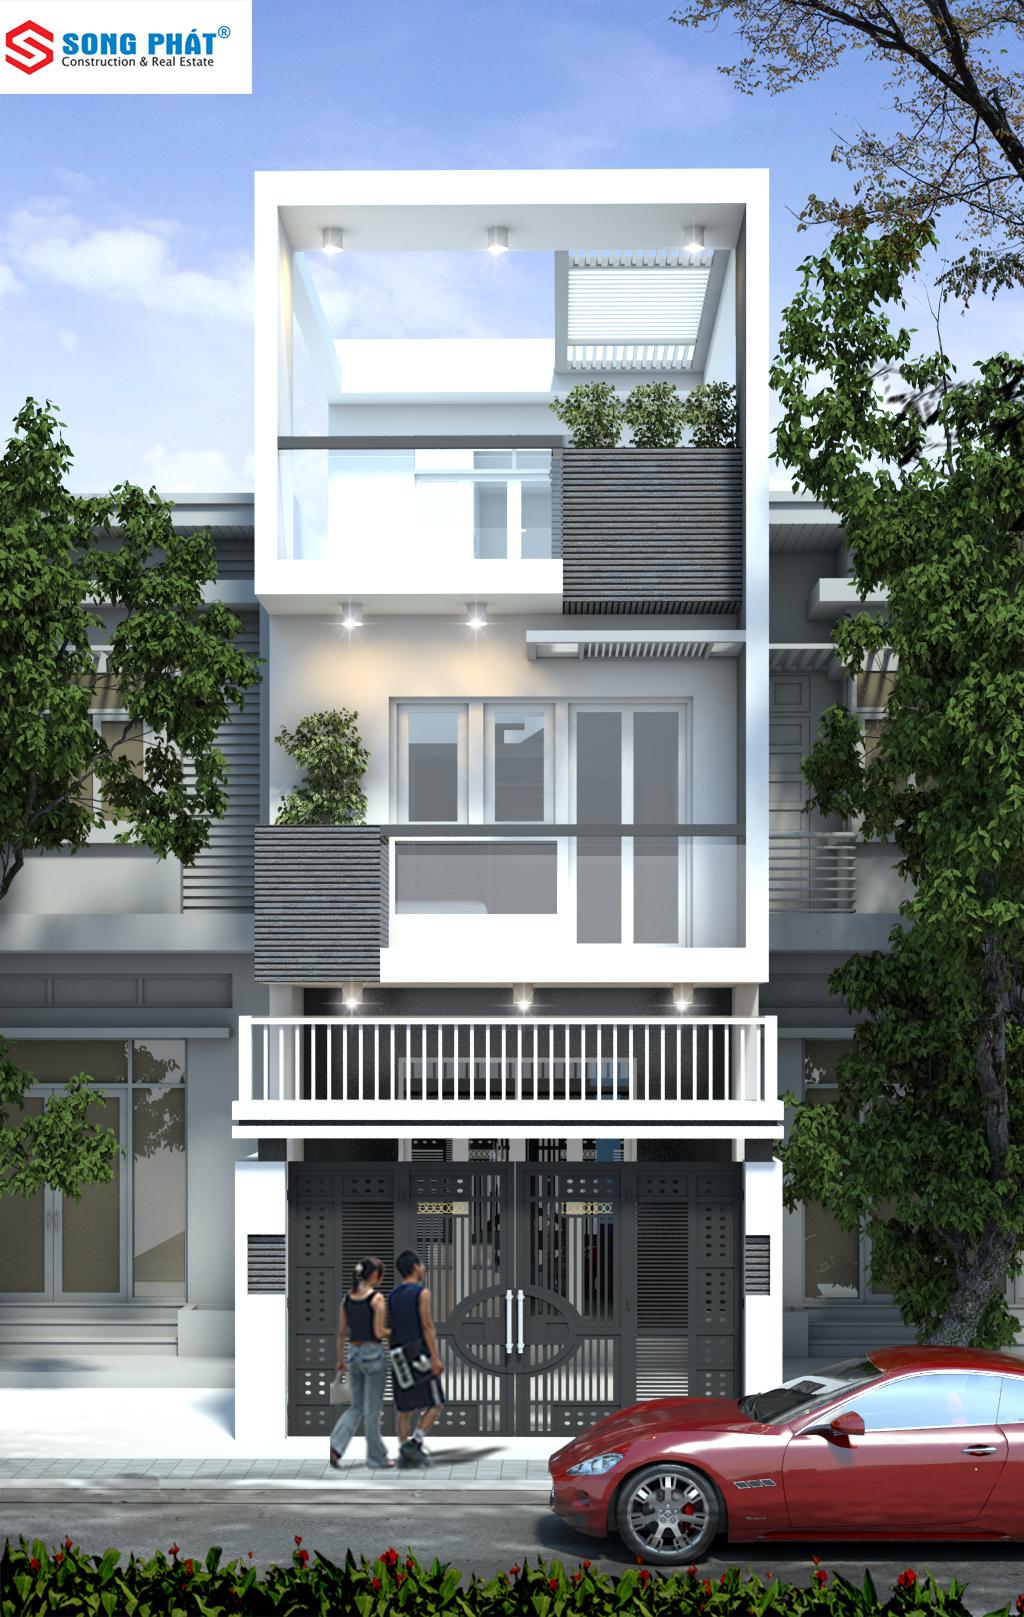 giá xây nhà 3 tầng